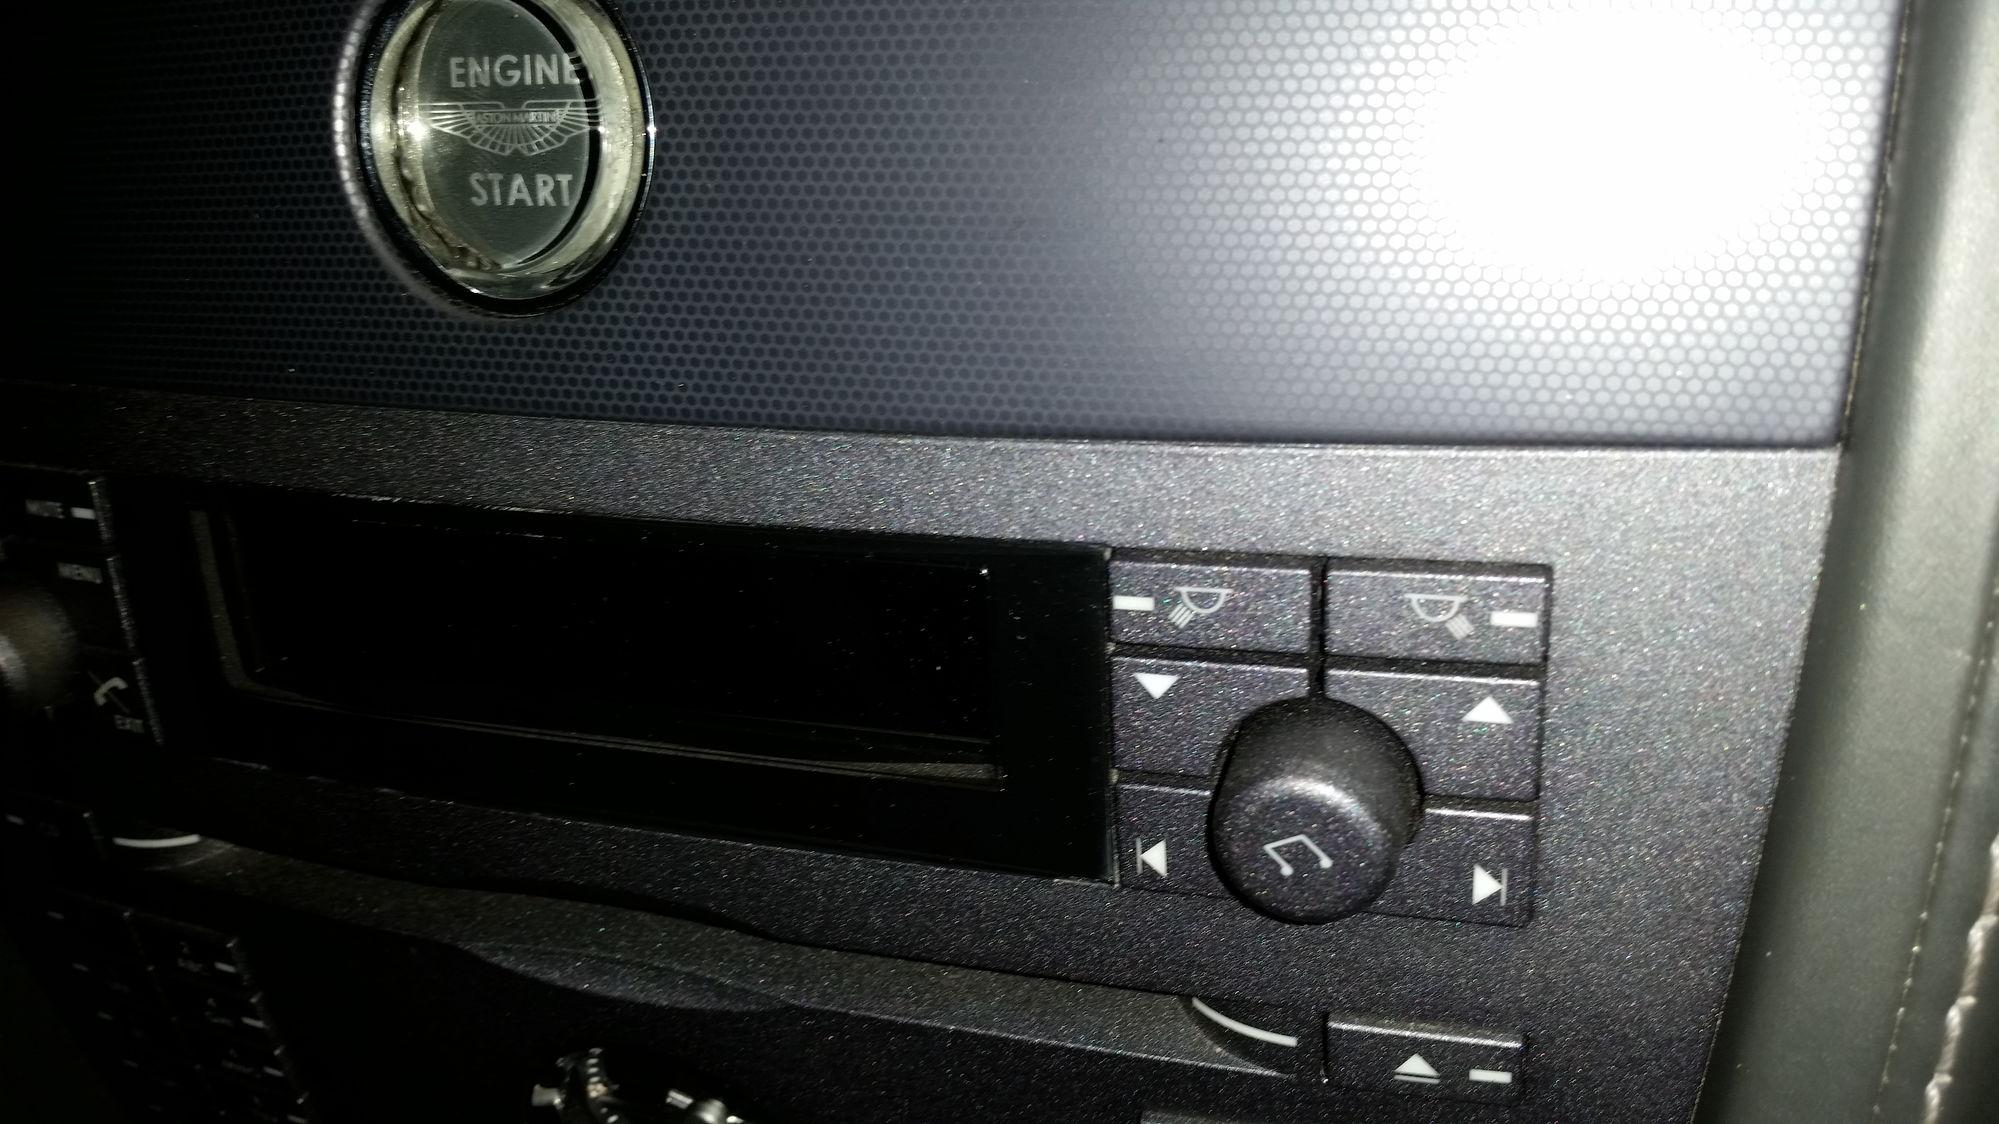 porsche 996 interior lights stay on. Black Bedroom Furniture Sets. Home Design Ideas